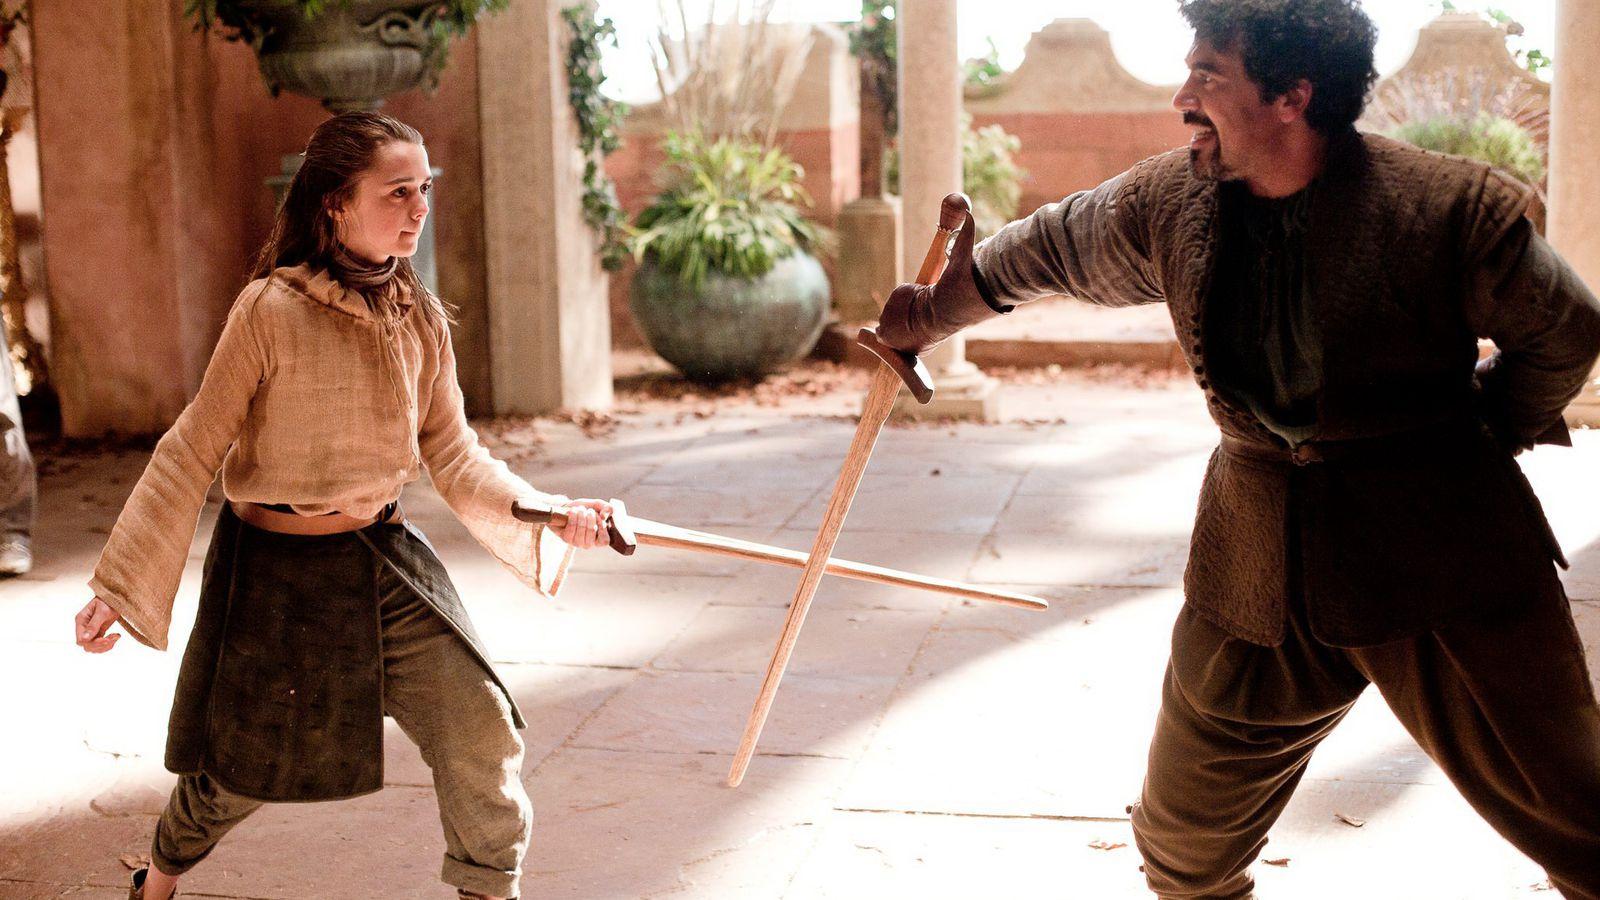 Syrio Forel es el primer mentor de Arya. Imagen: HBO.